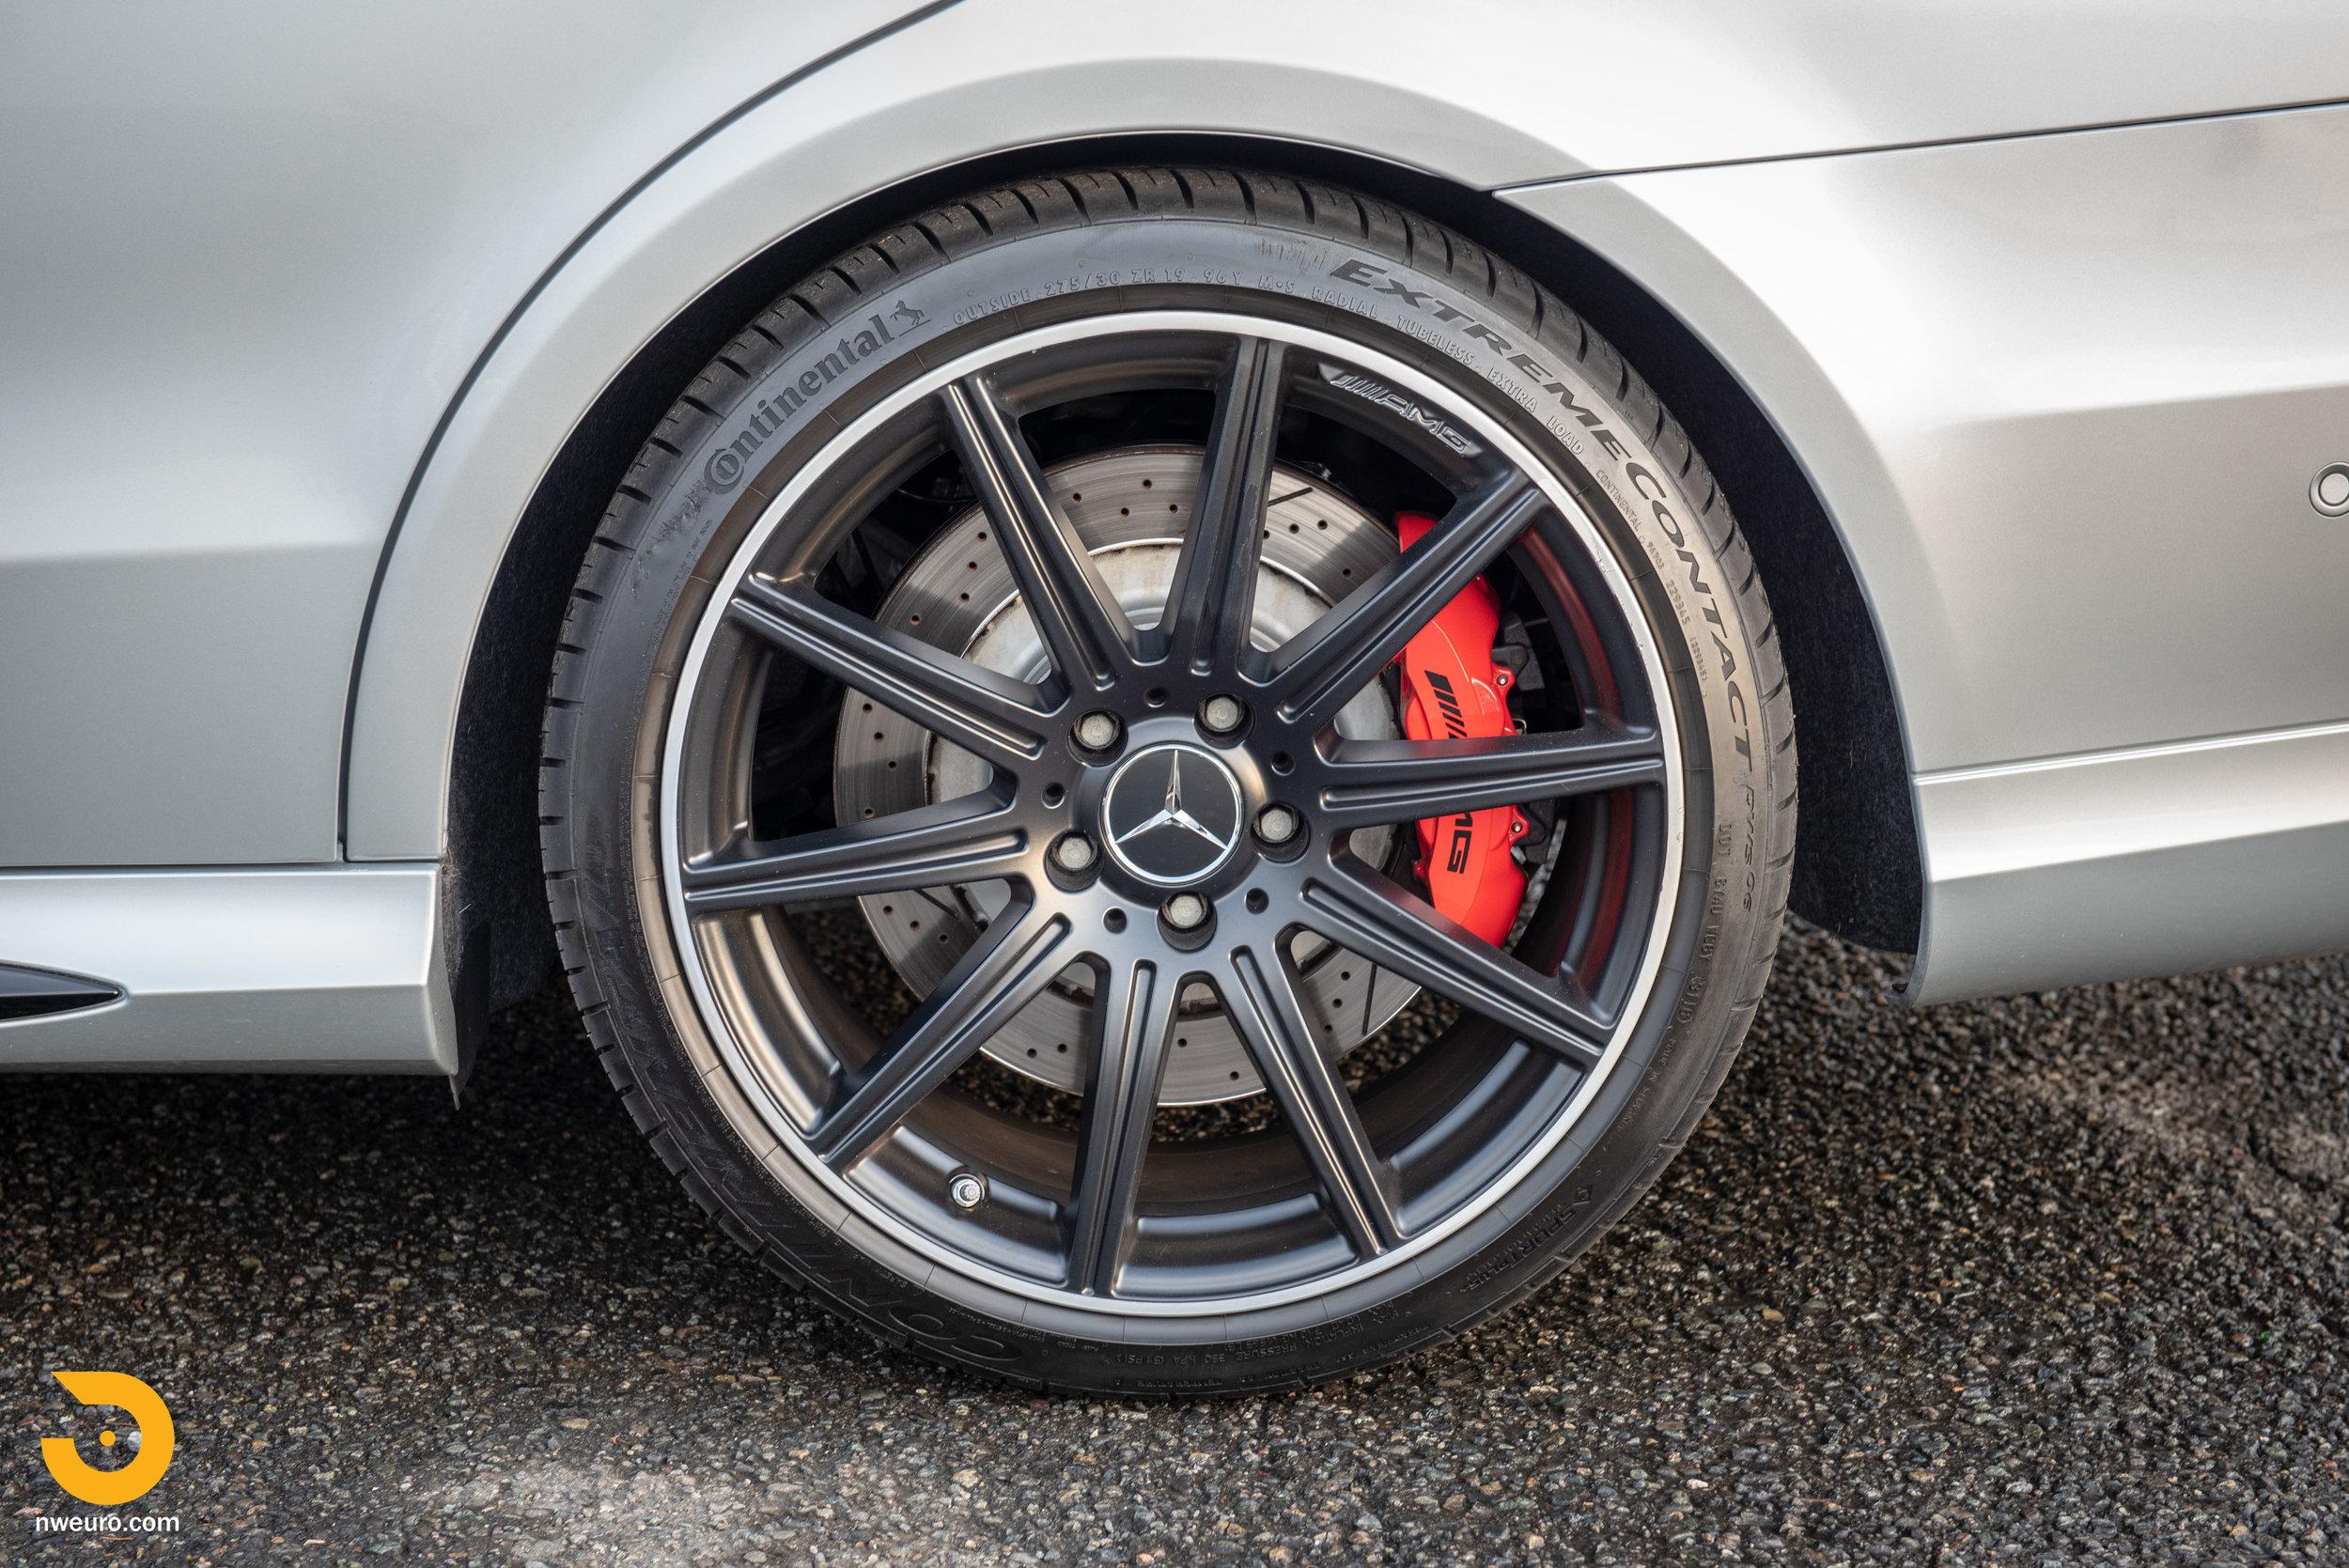 2016 Mercedes-Benz E63S Wagon-56.jpg